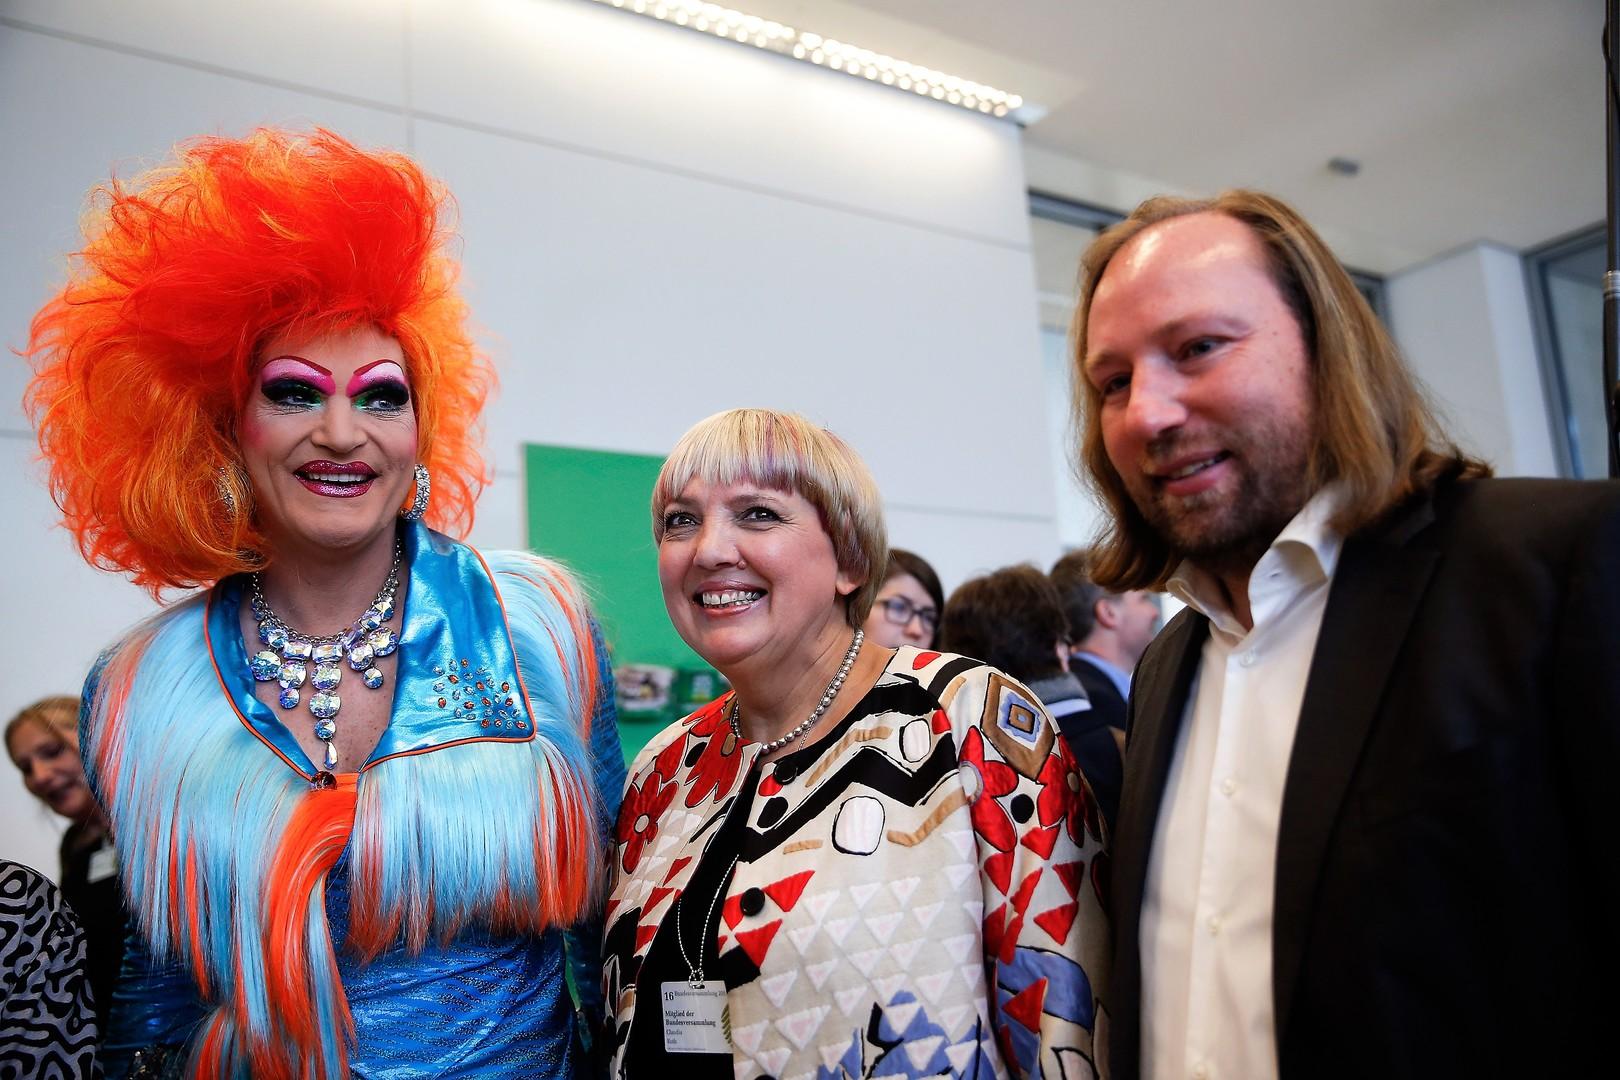 Zwischen LGBT-Verpflichtung und Regierungsoption: Die Grünen und ihre rote Linie